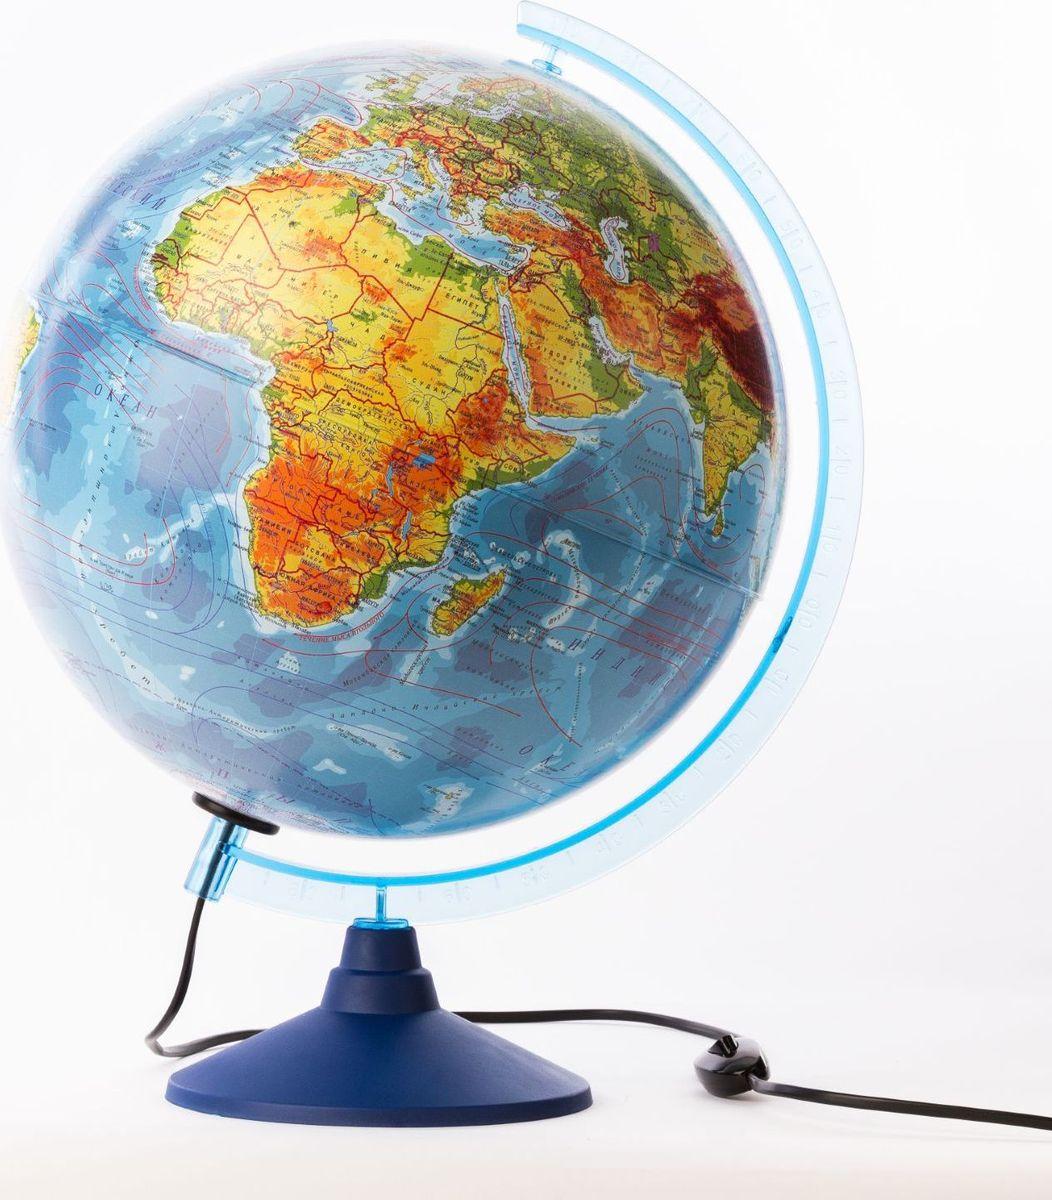 Глобен Глобус физико-политический Классик Евро с подсветкой диаметр 32 см 1259362